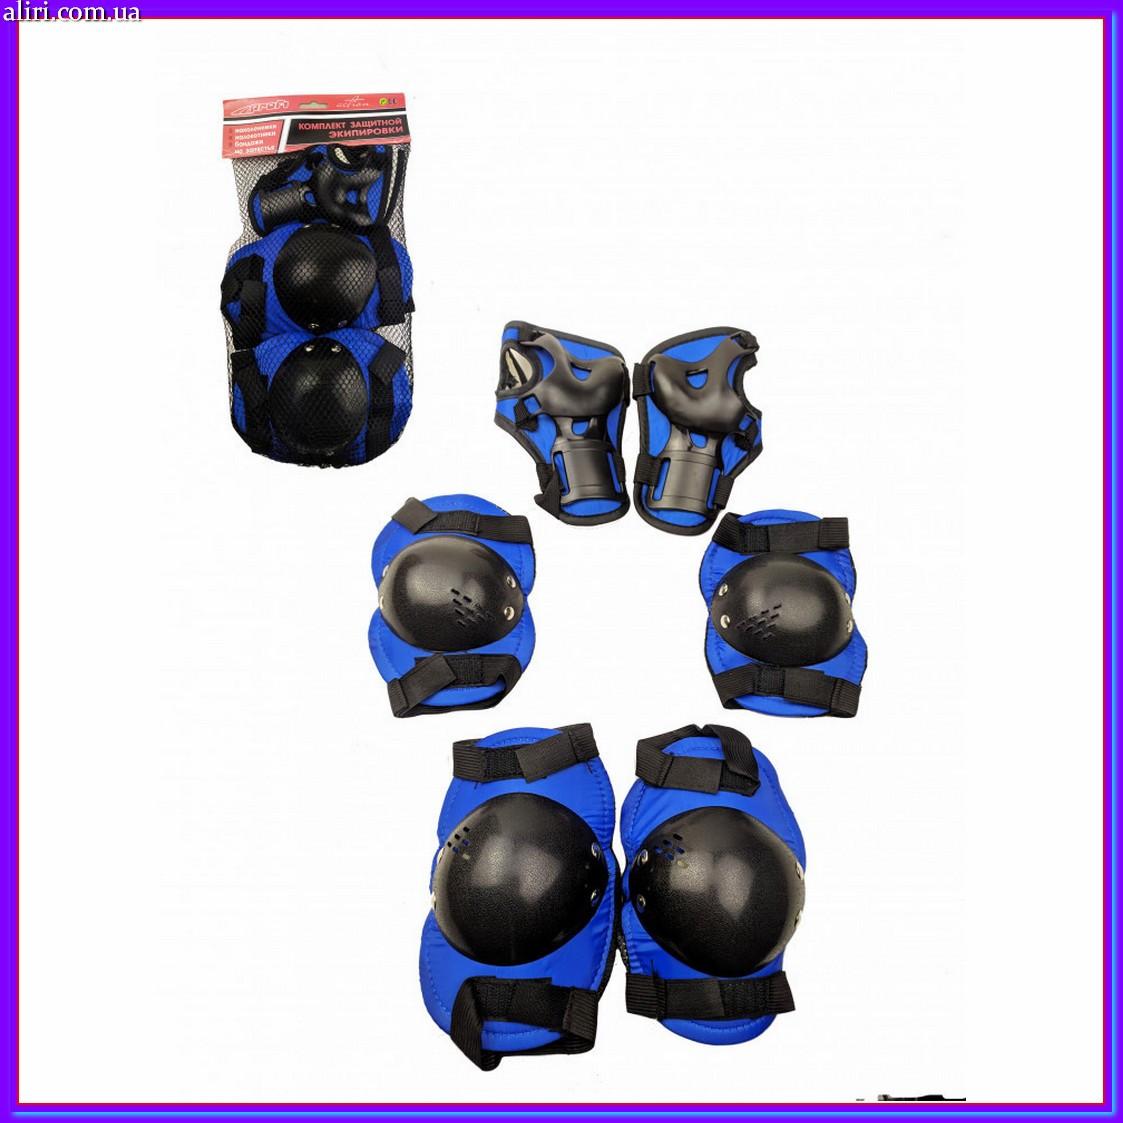 Детский комплект защиты для катания  MS 0032 (Синий)